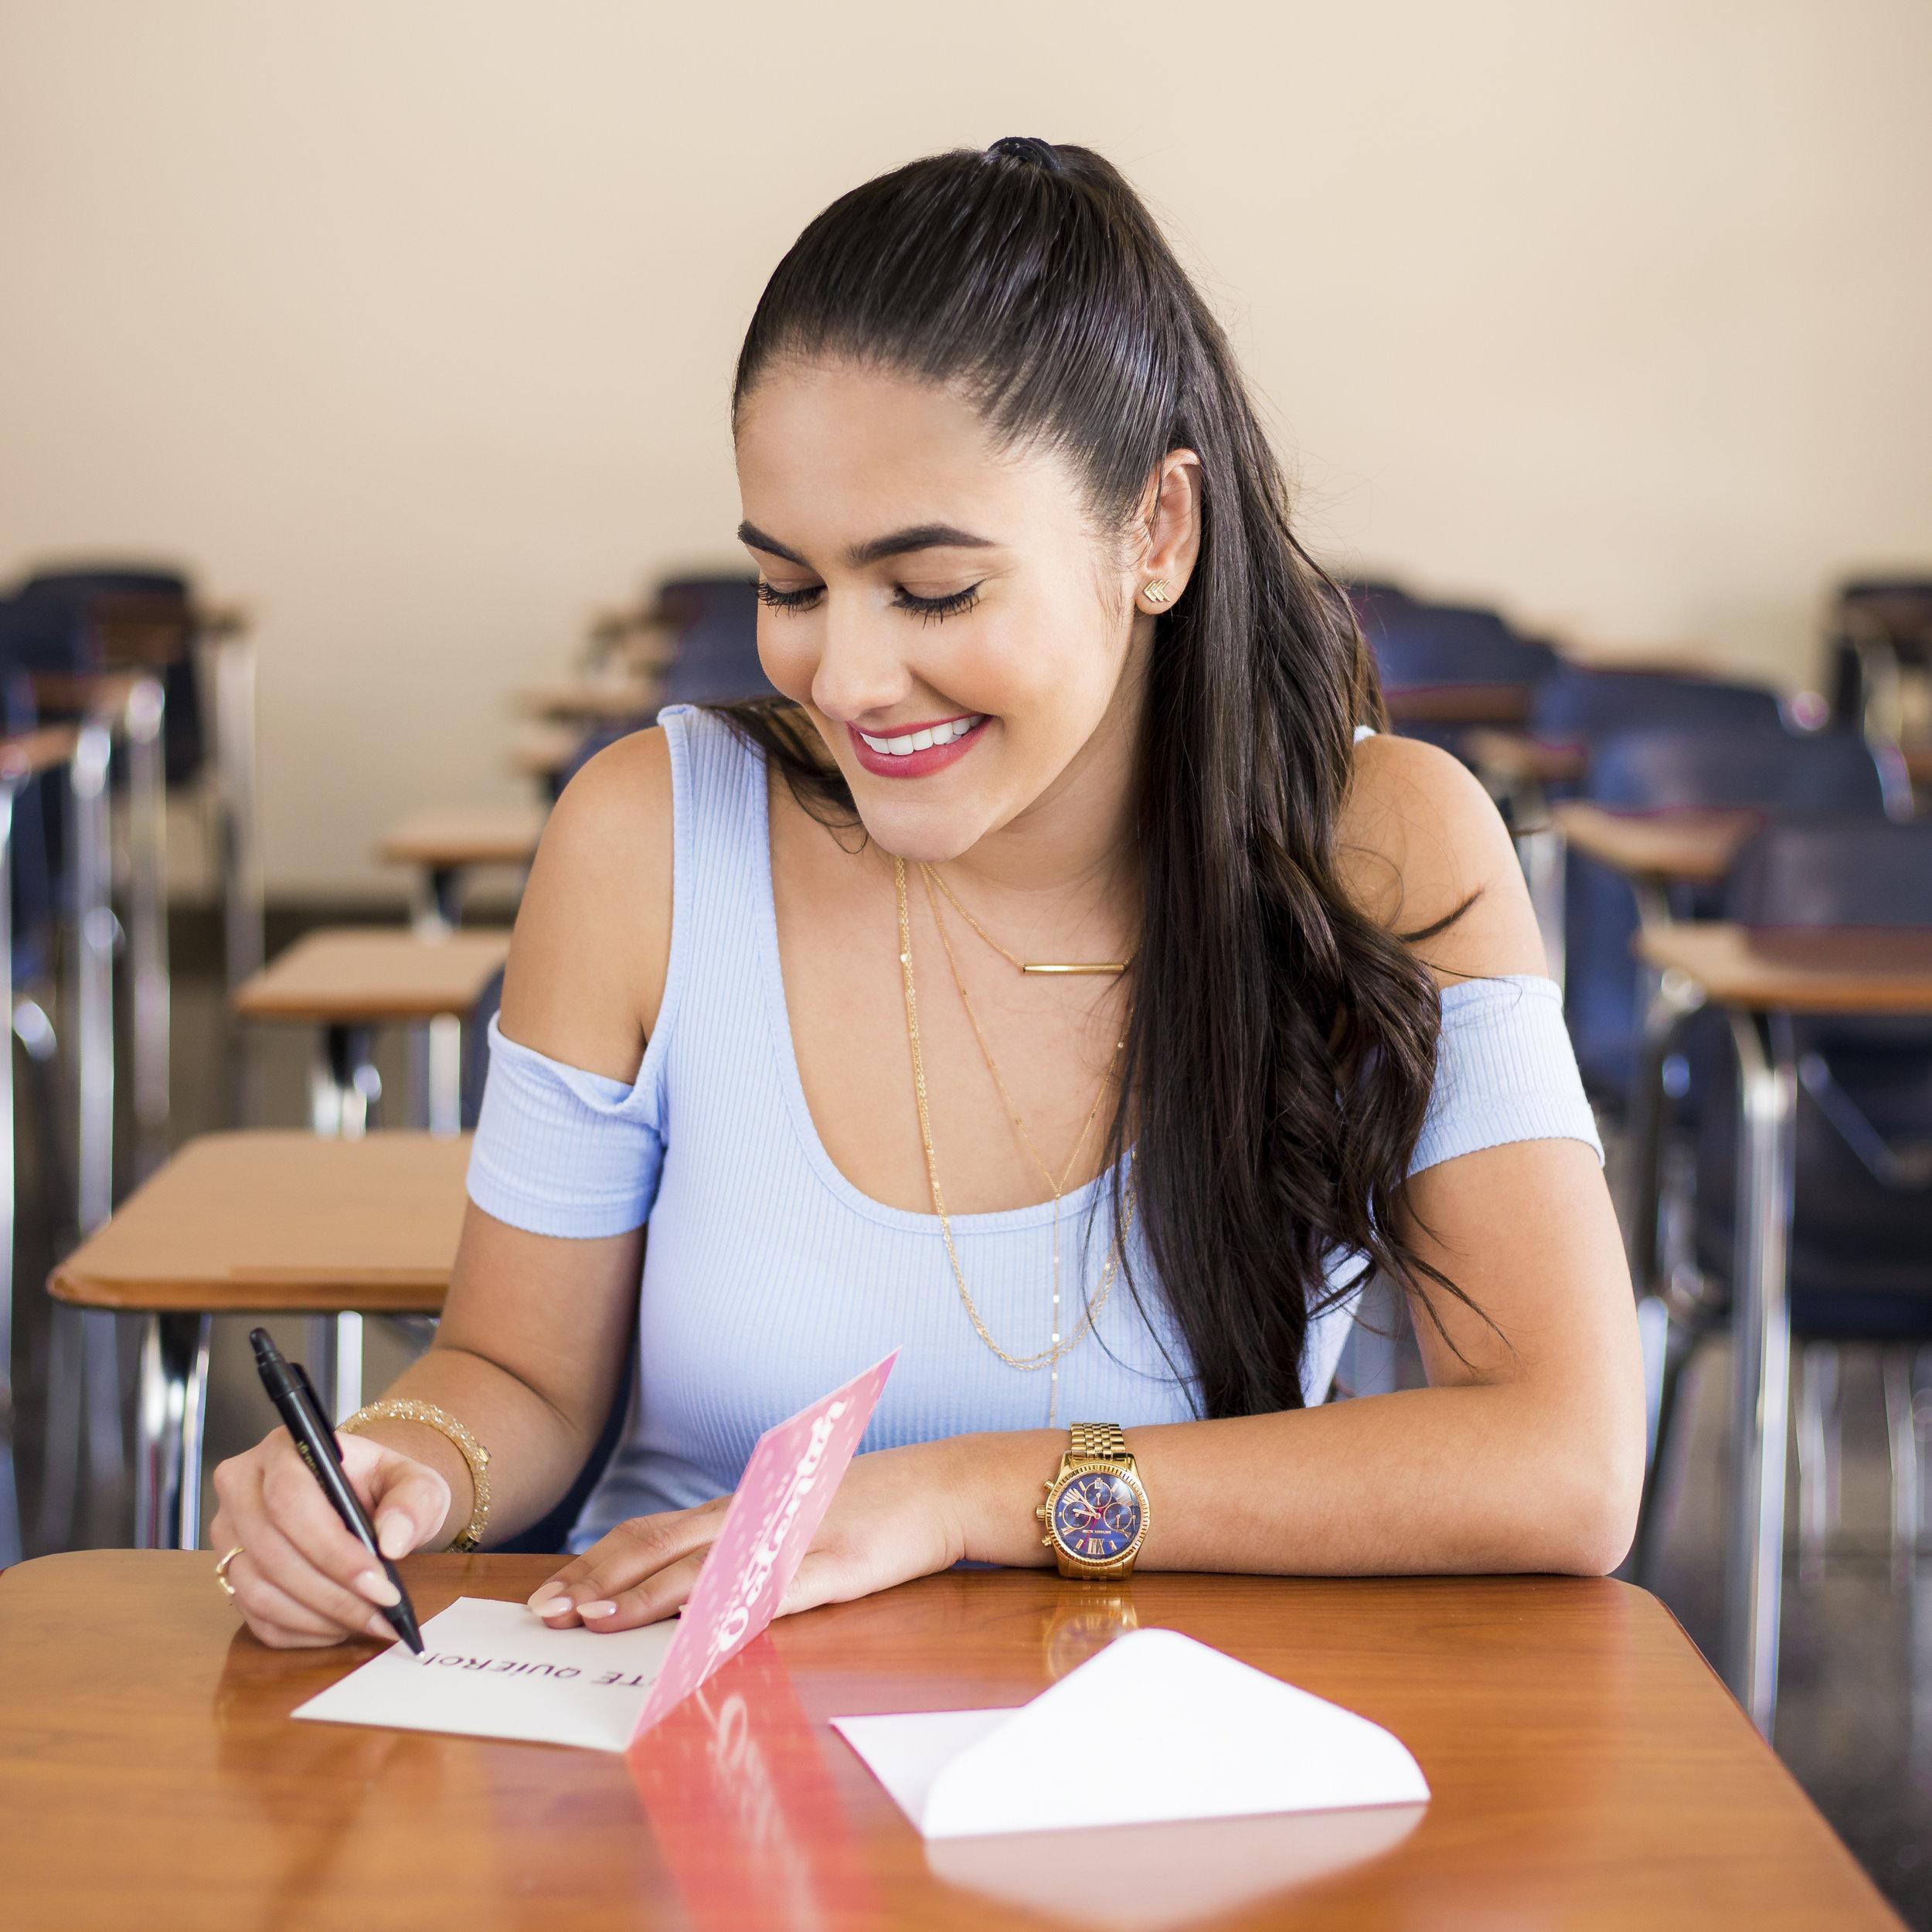 SWIPE INTERACTIVO - ¿A quién le escribirás una carta? 1.jpg